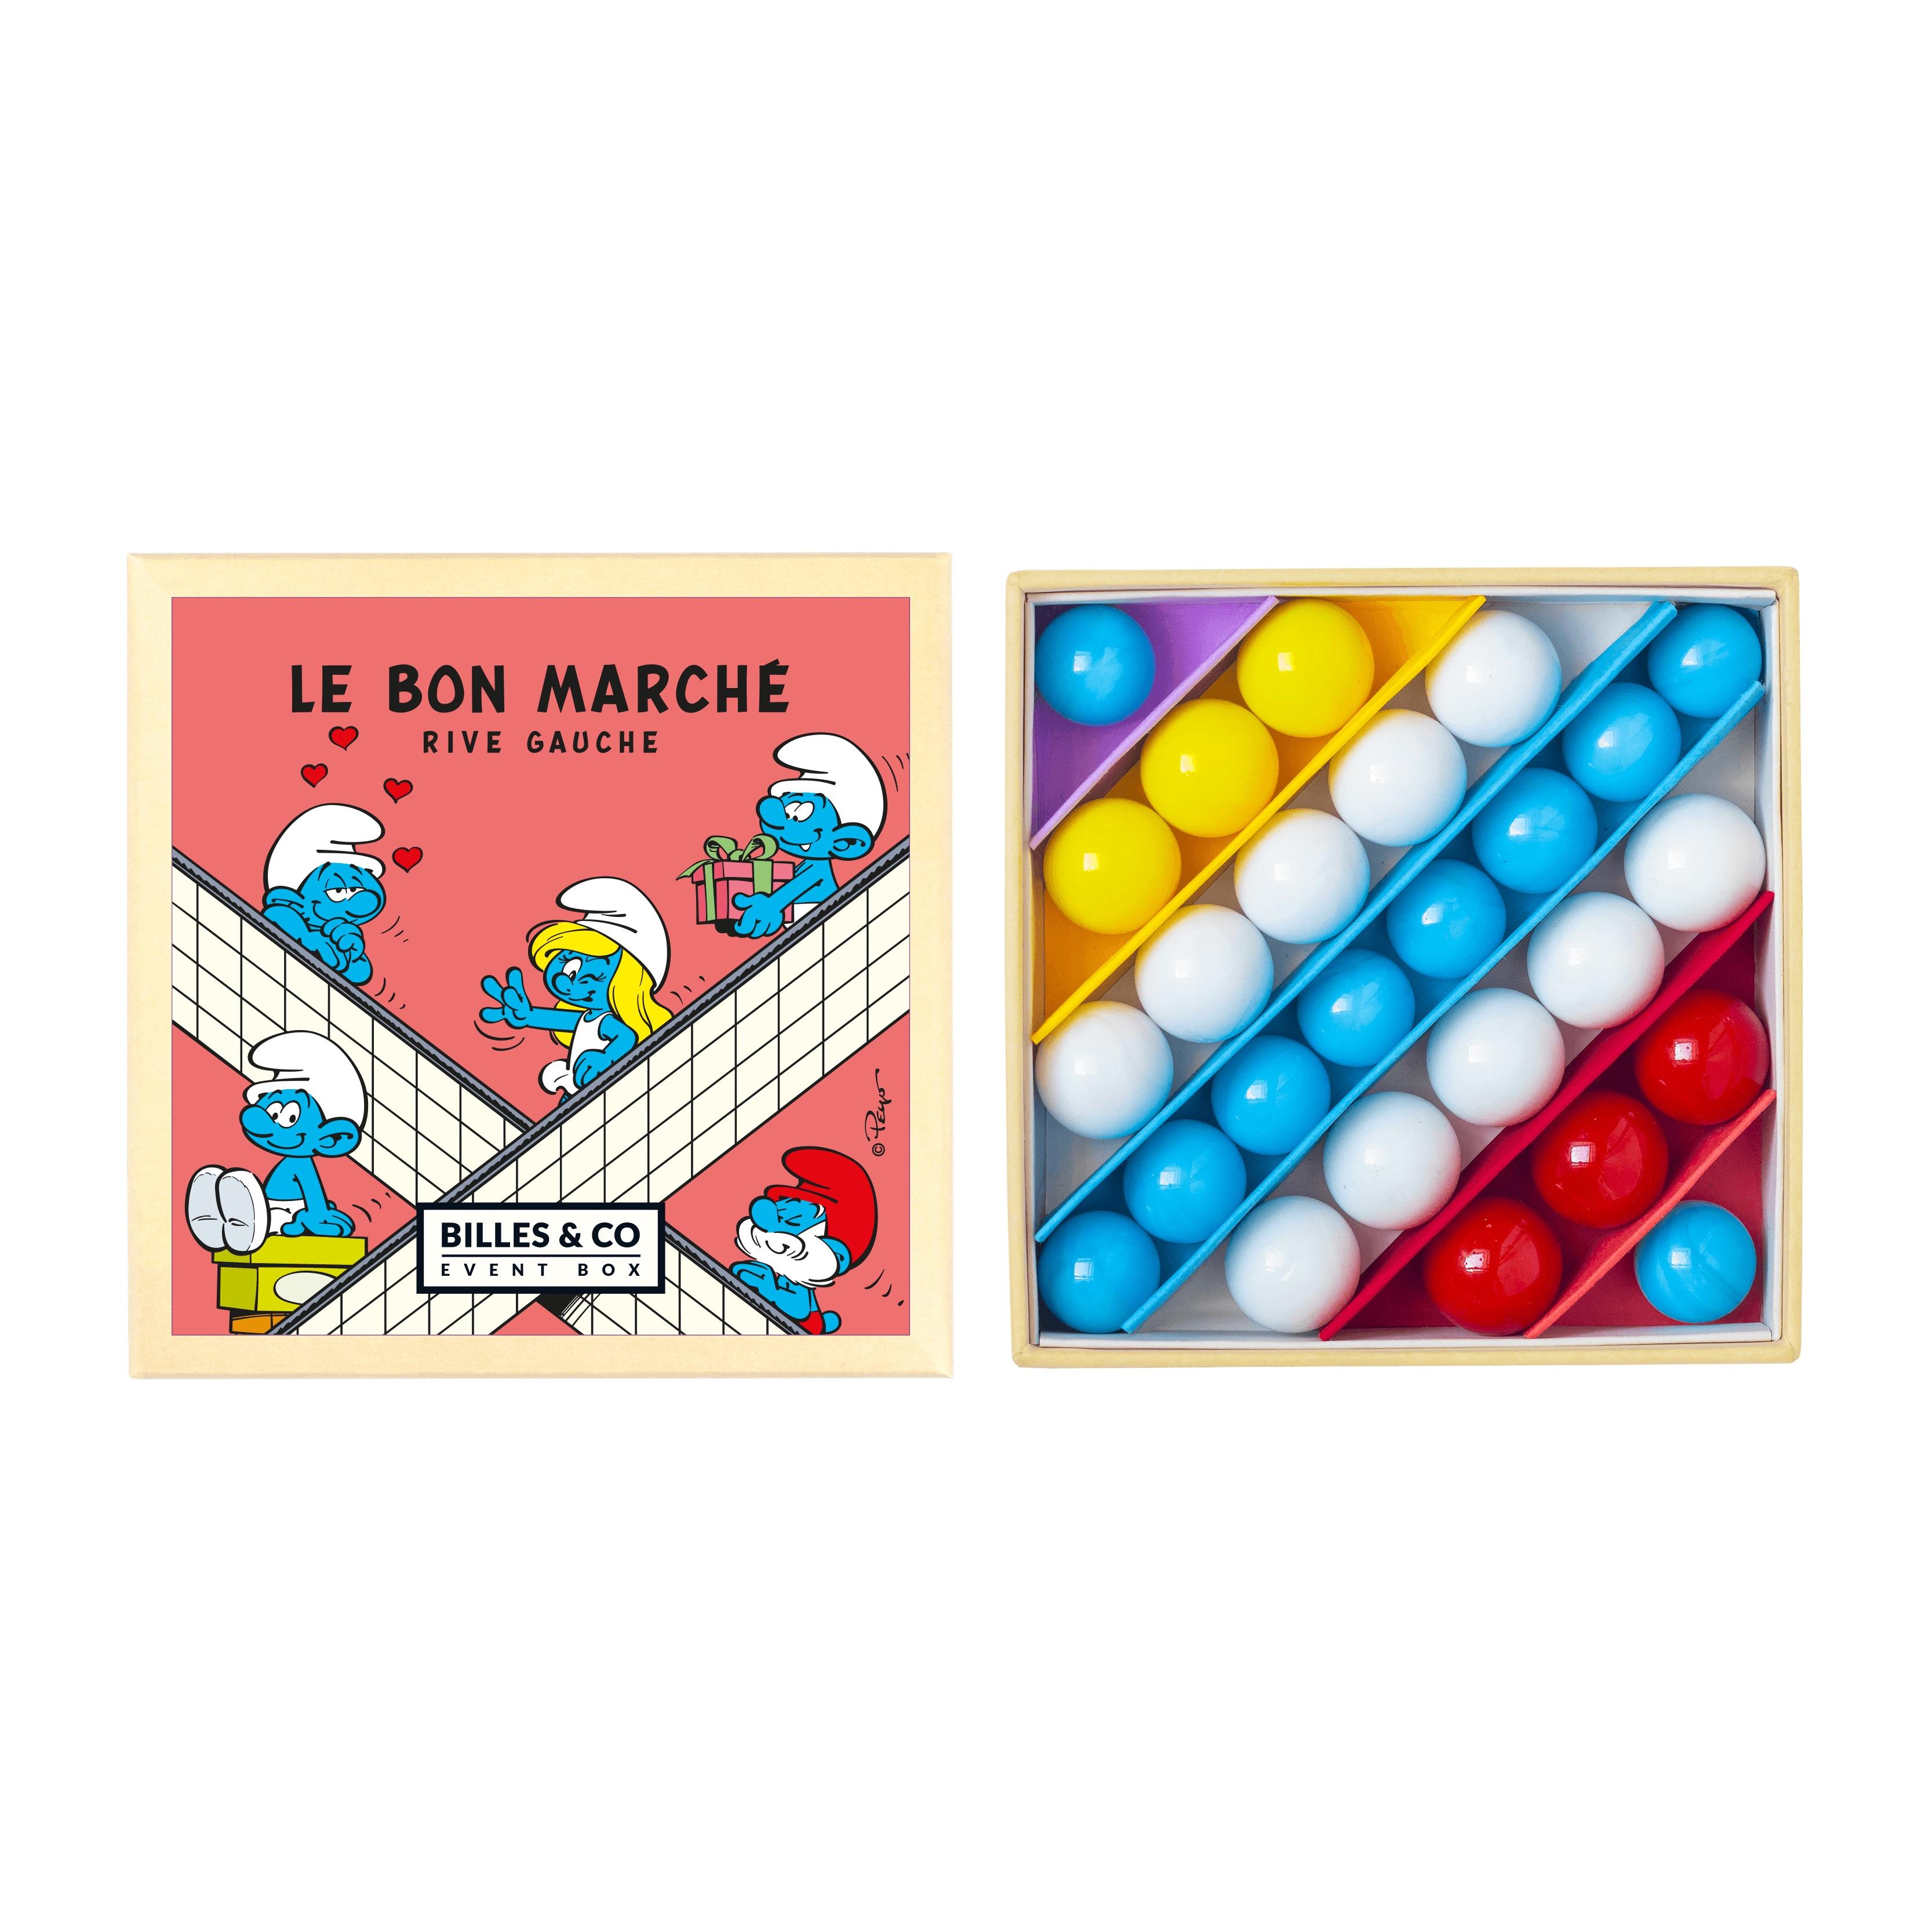 Le Bon Marché's Belgium theme